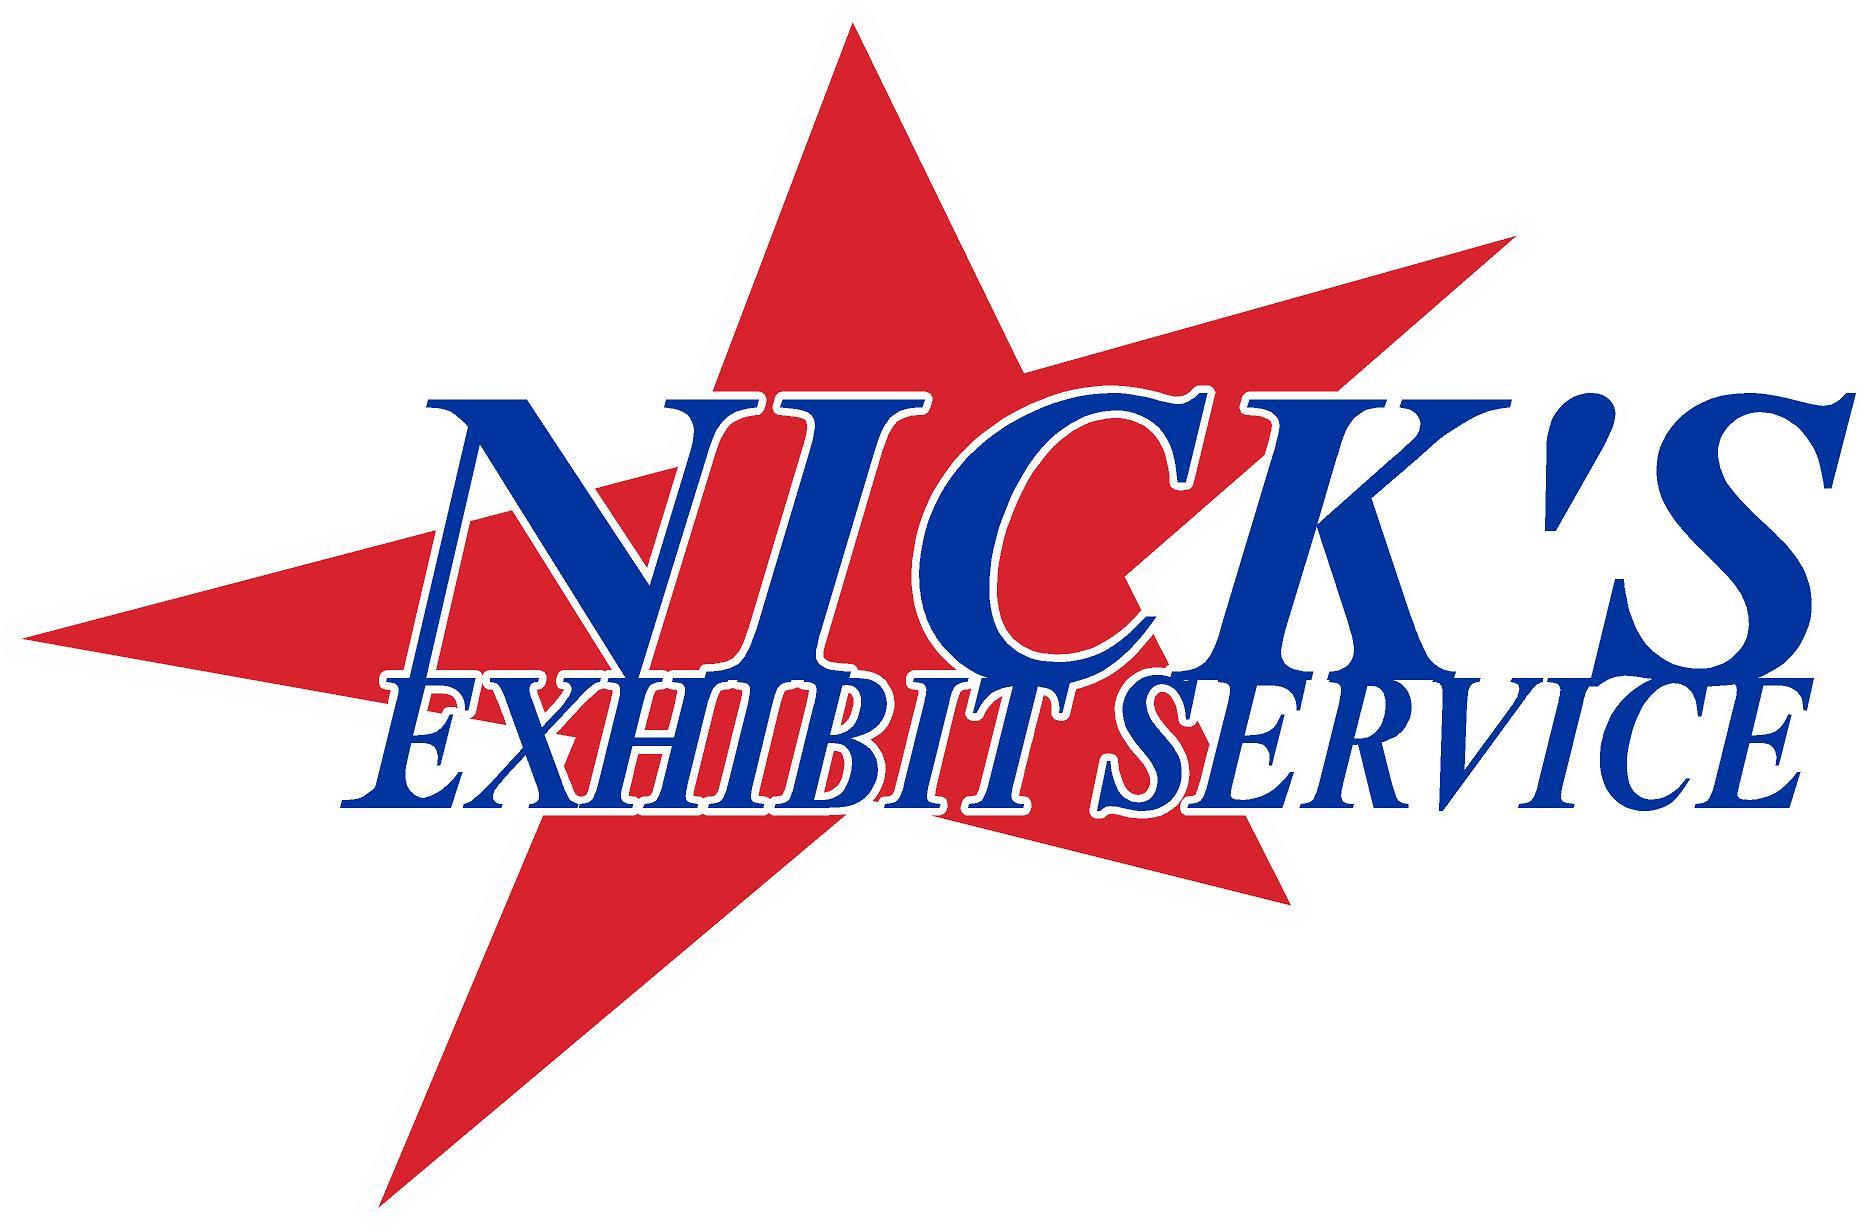 NICK'S EXHIBIT SERVICE.jpg